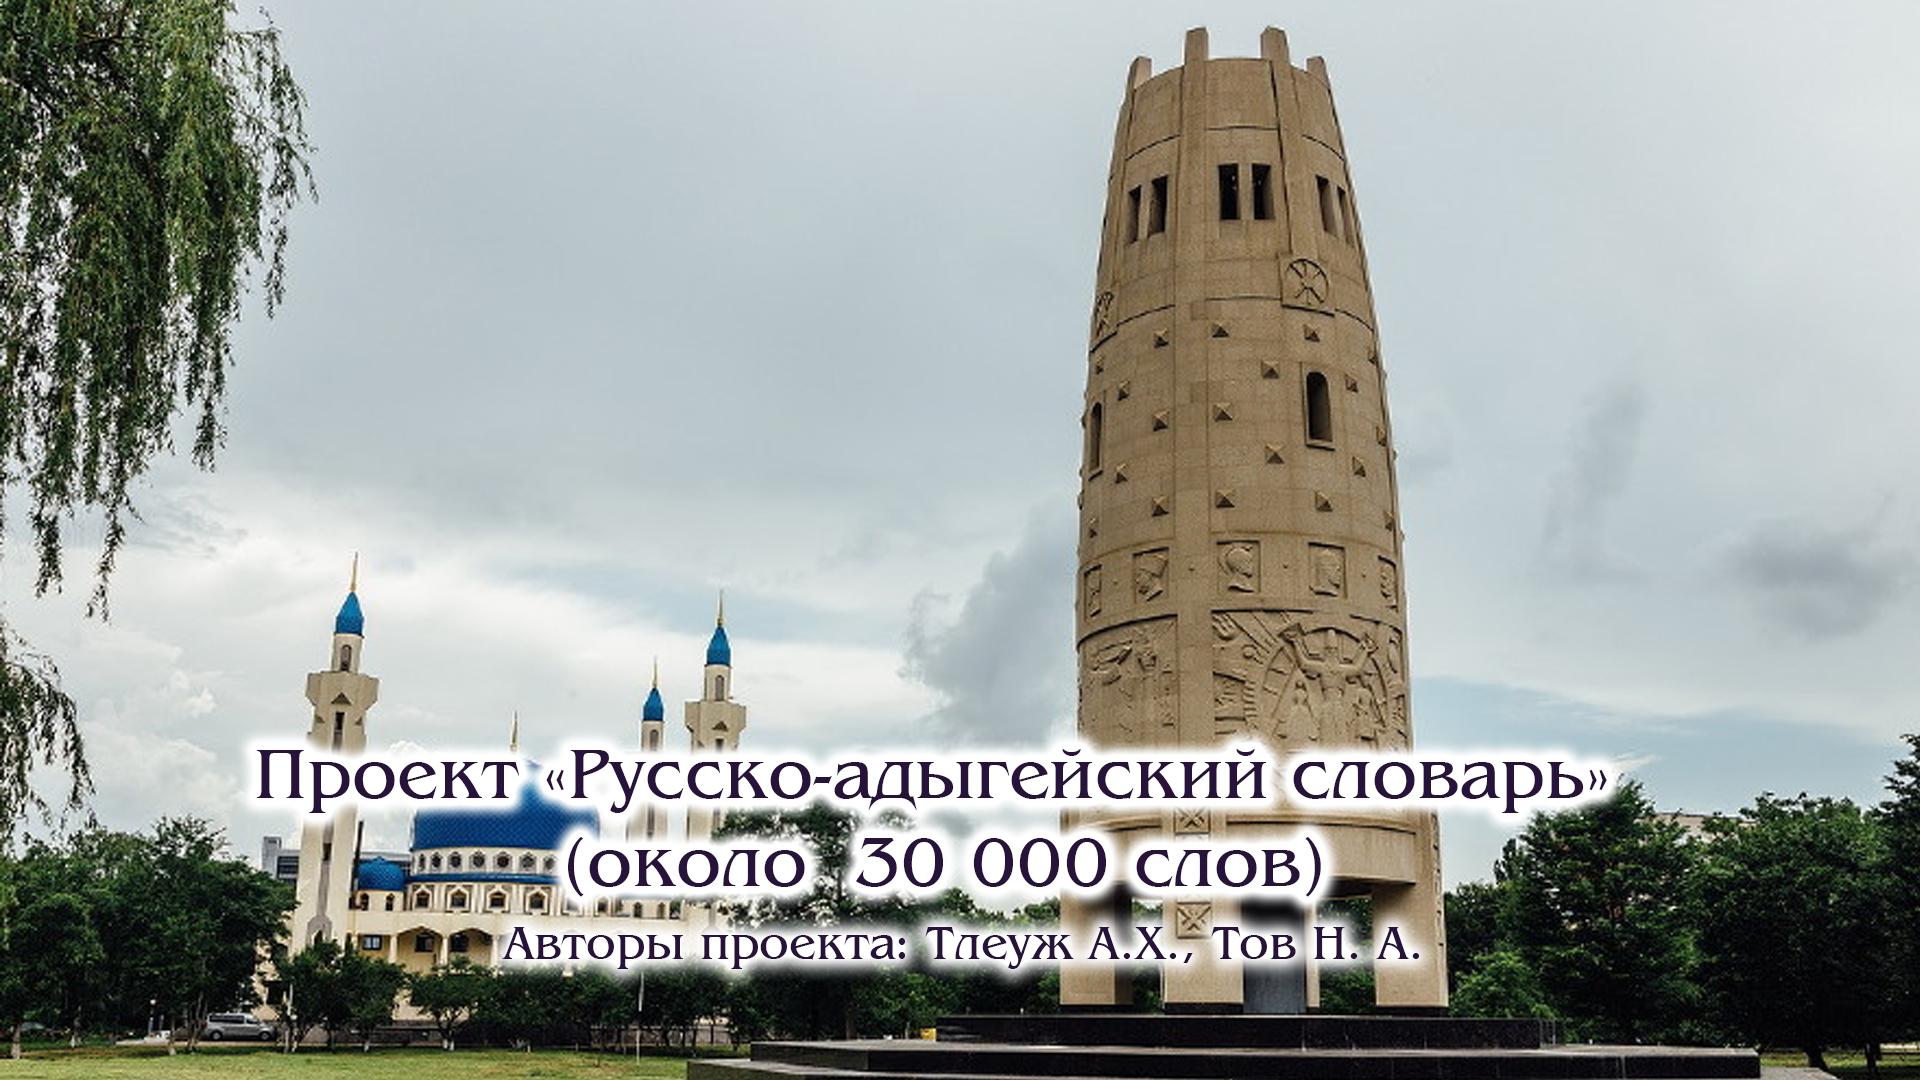 Проект: «Русско-адыгейский словарь» (около 30 000 слов).